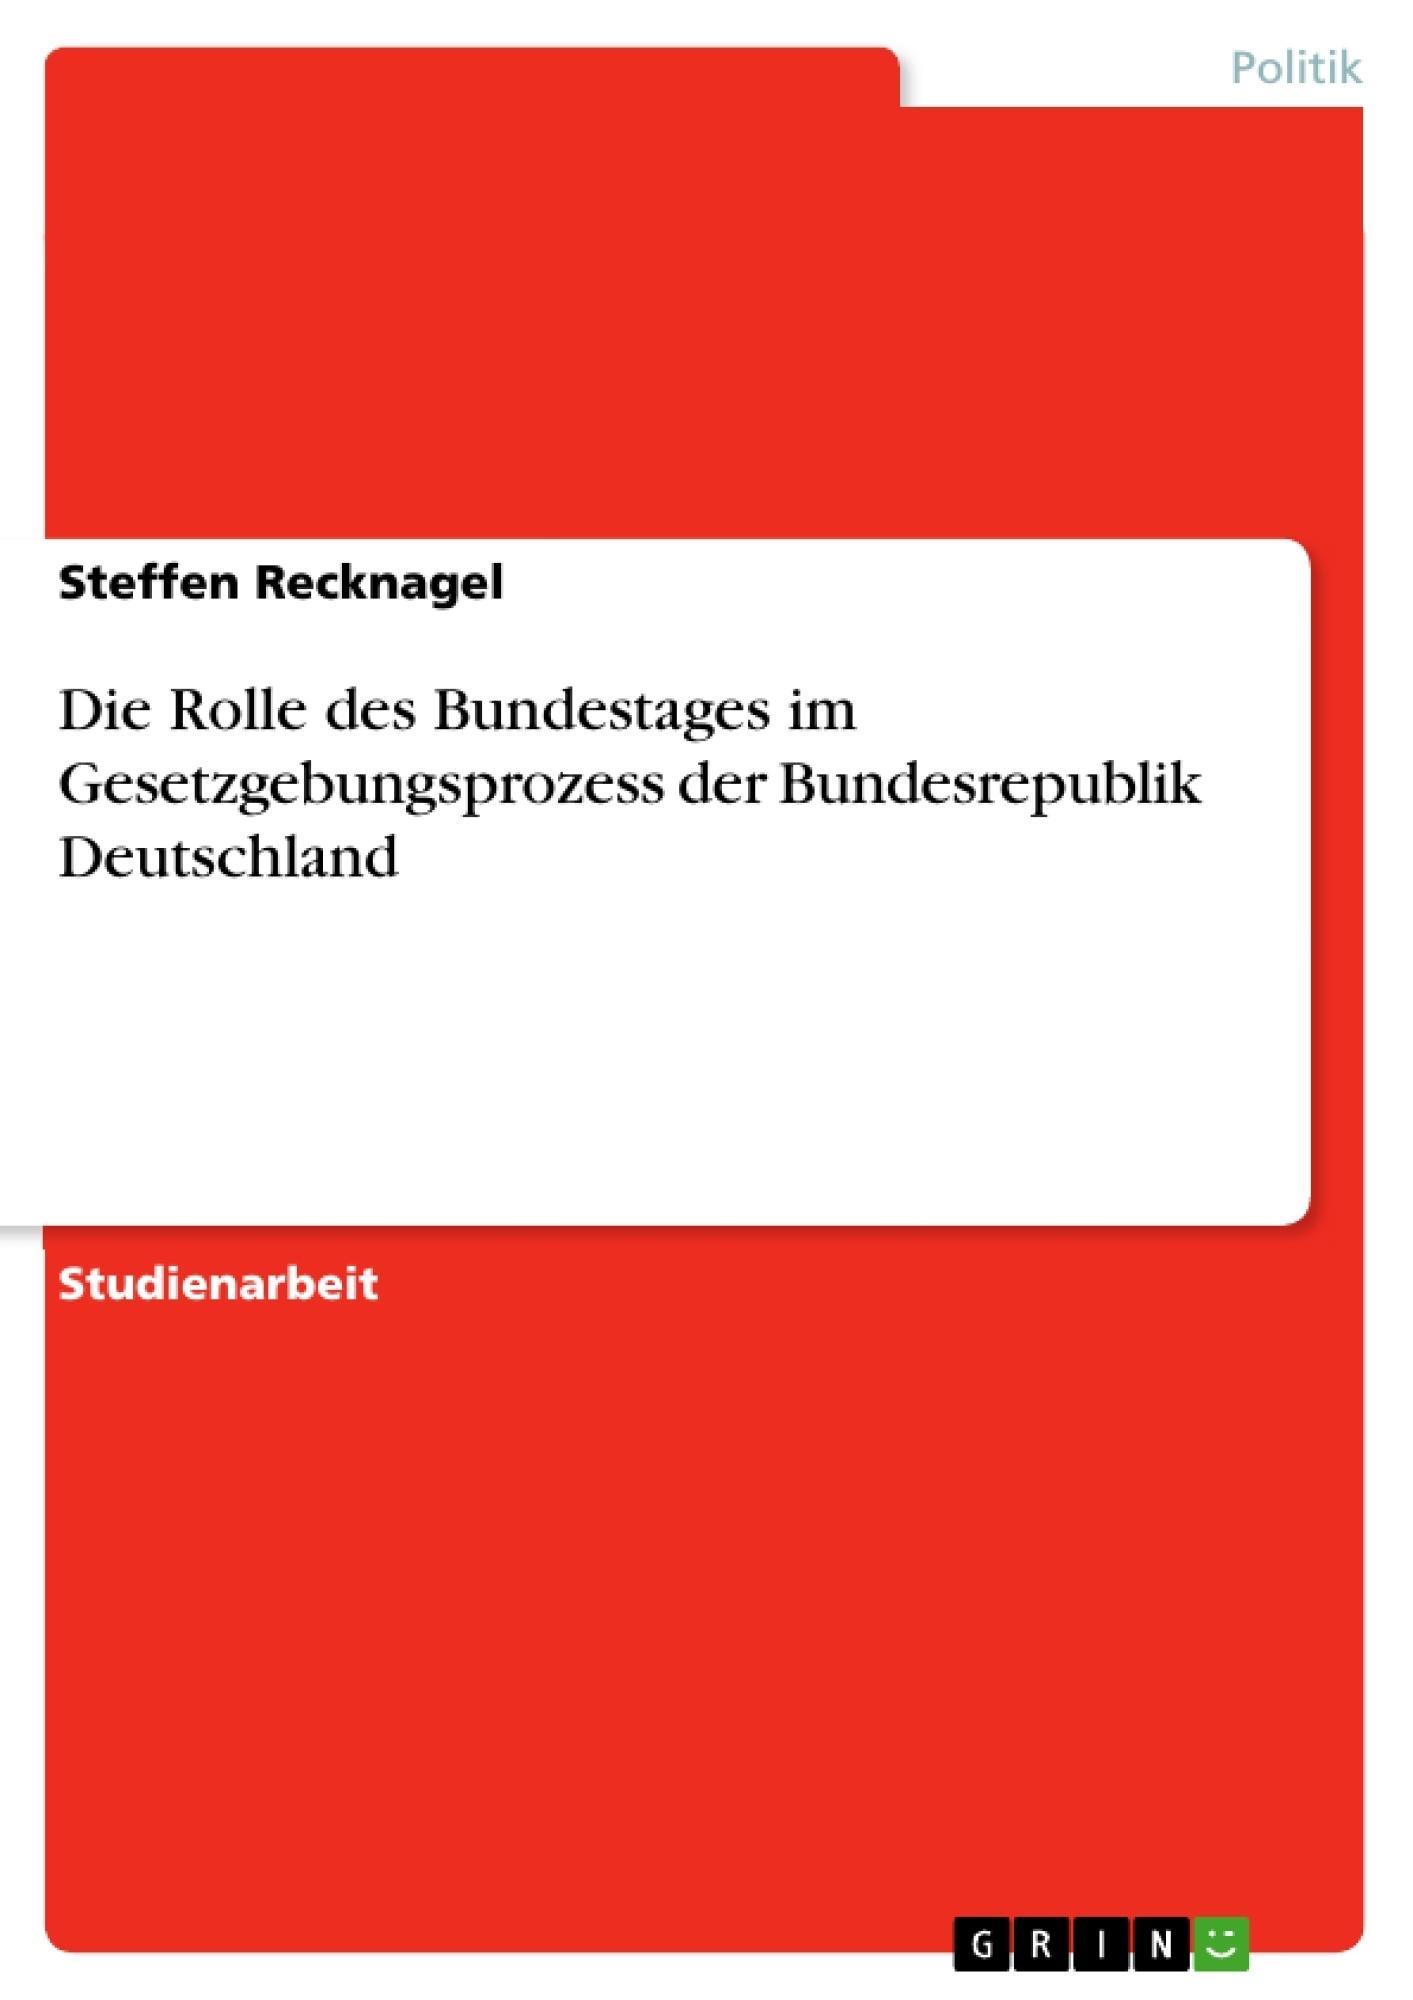 Titel: Die Rolle des Bundestages im Gesetzgebungsprozess der Bundesrepublik Deutschland